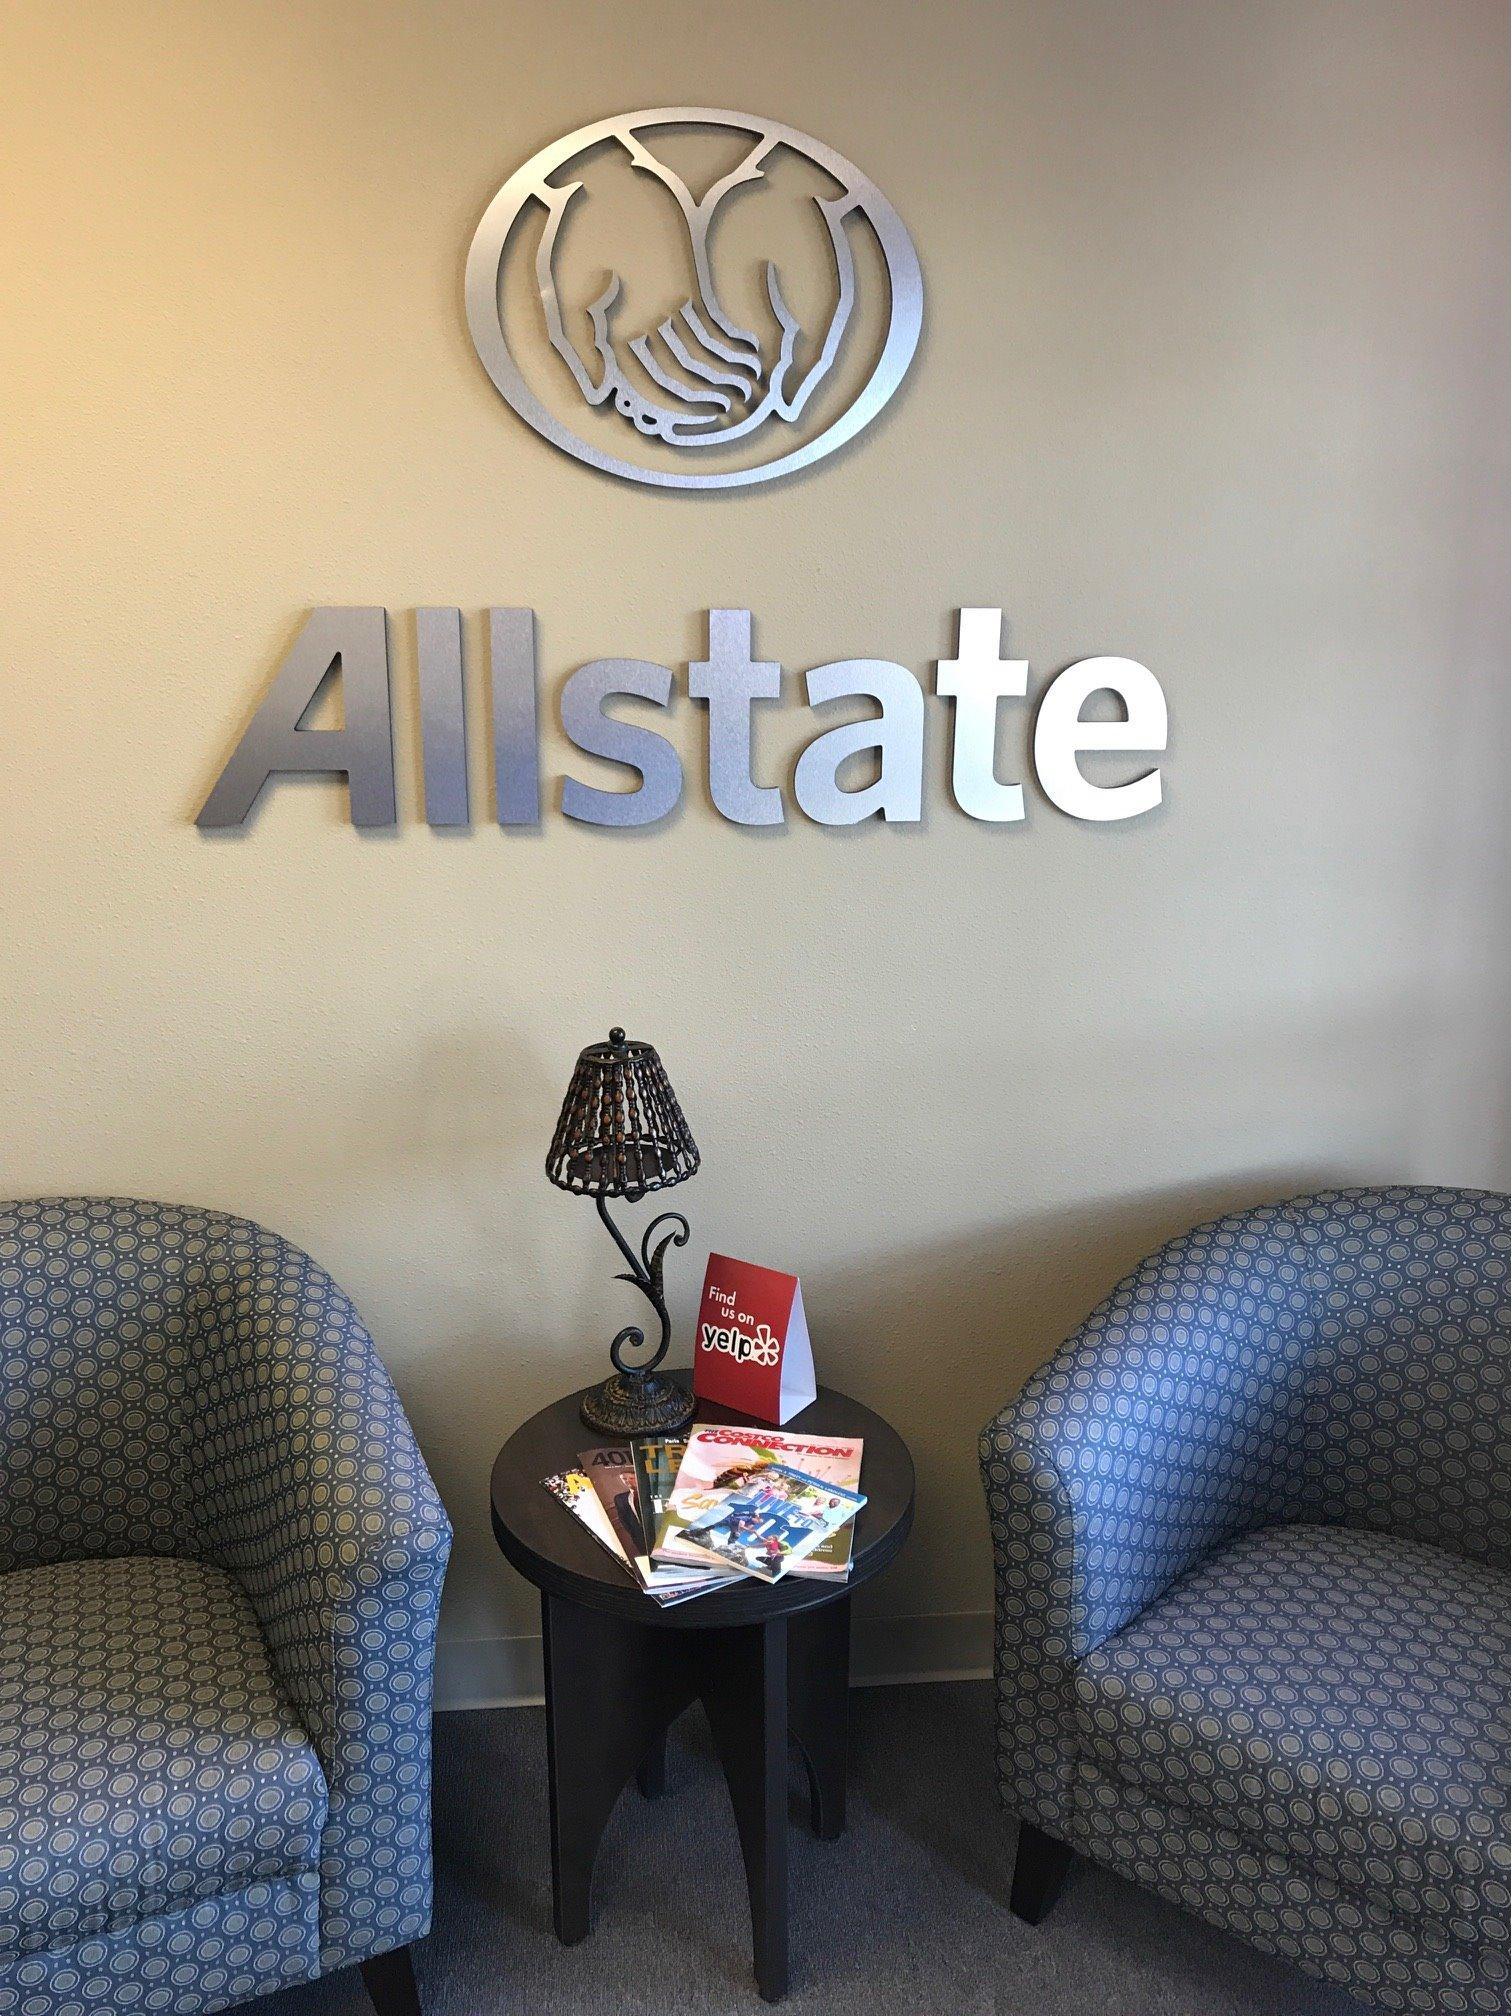 Bret Stephens: Allstate Insurance image 1